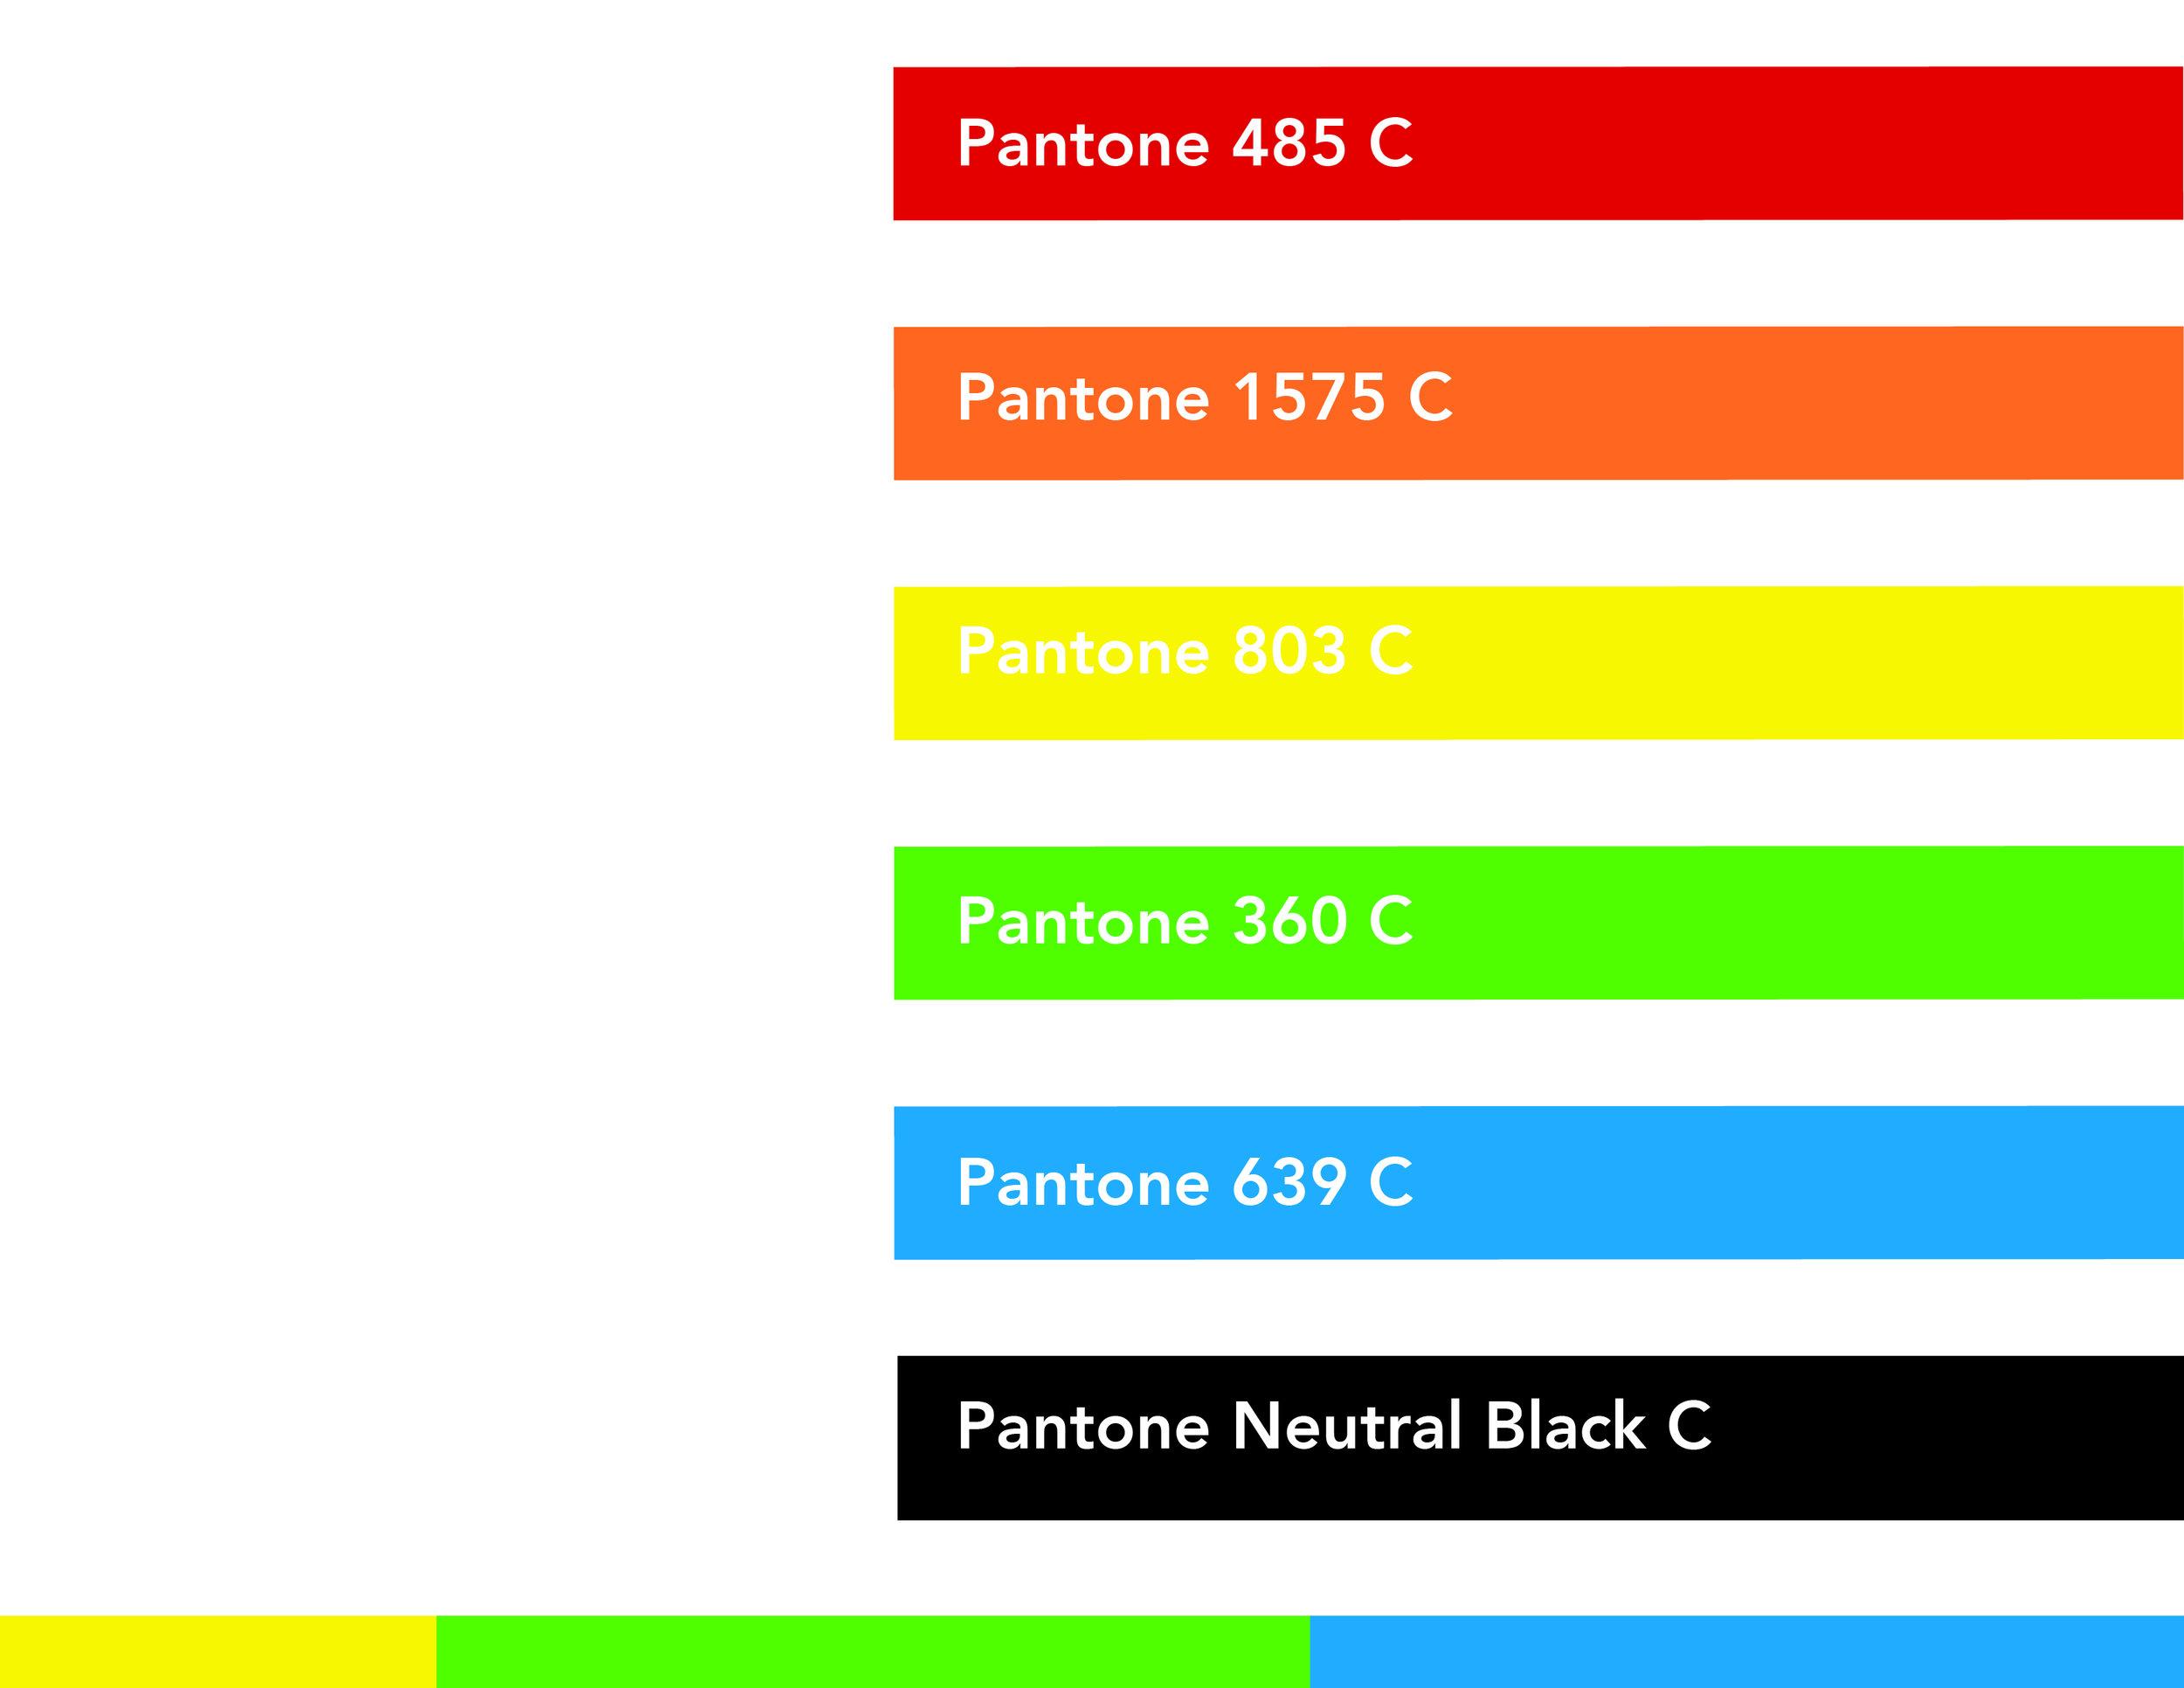 Polaroid Brand Guide 19.jpg